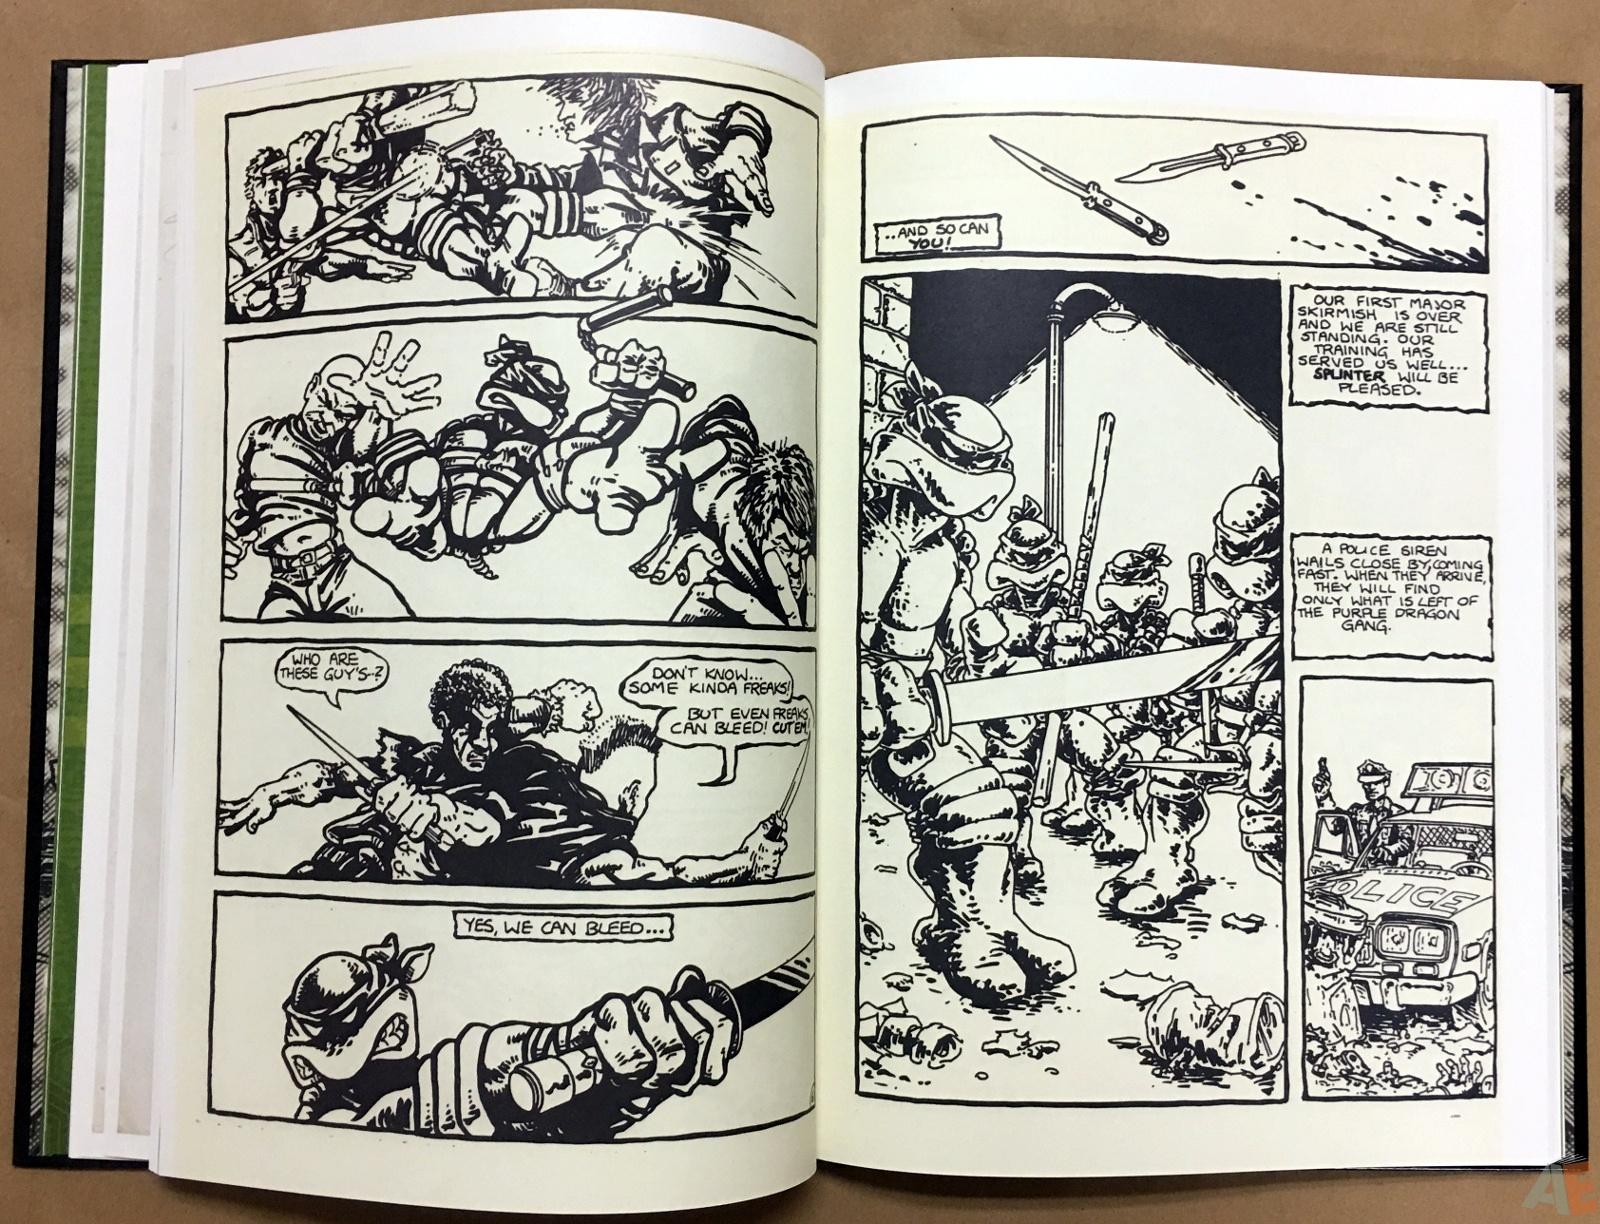 Teenage Mutant Ninja Turtles Artisan Edition 20